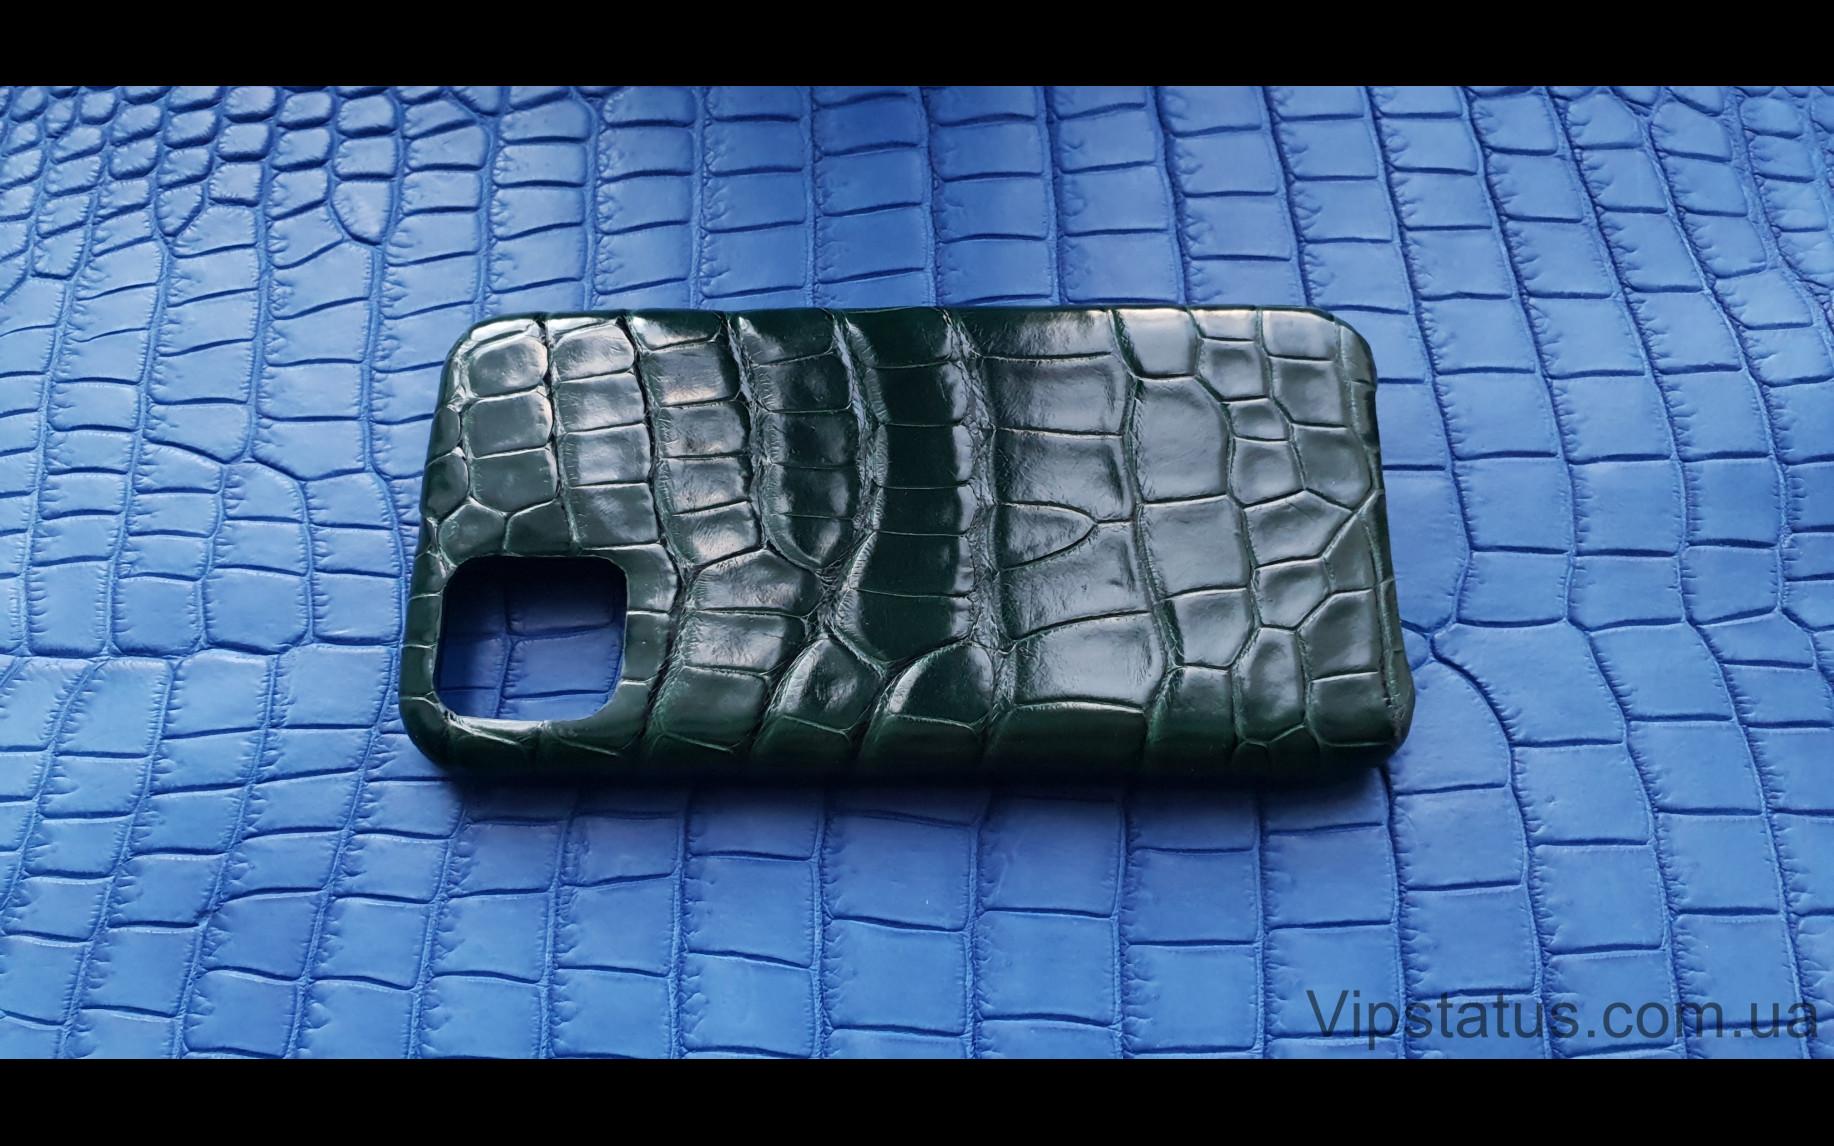 Элитный Dark Green Люксовый чехол IPhone 11 Pro Max кожа крокодила Dark Green Люксовый чехол IPhone 11 Pro Max кожа крокодила изображение 3